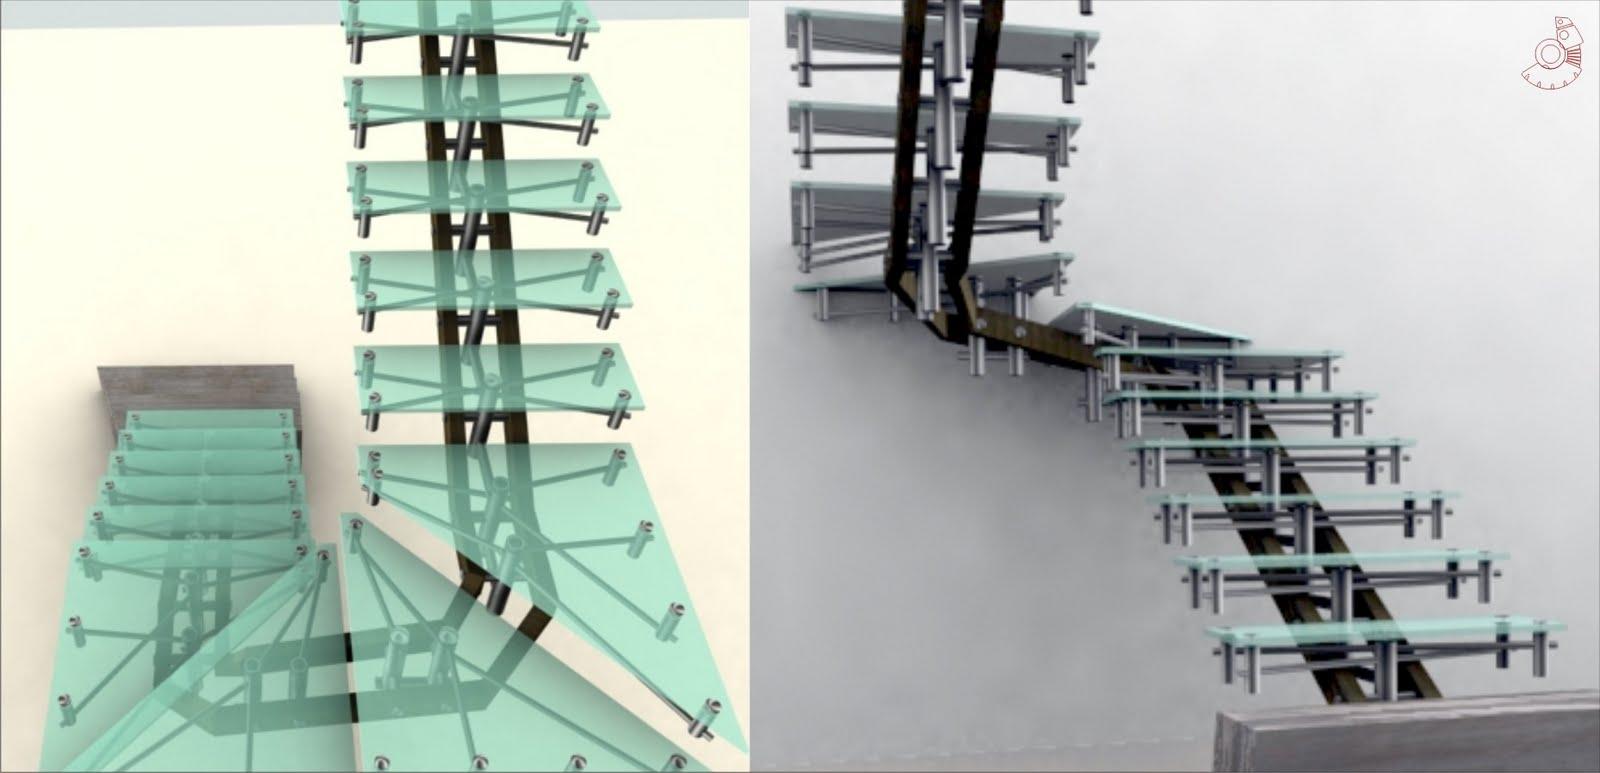 Estructura de escaleras en vidrio templado pictures - Escaleras de cristal templado ...